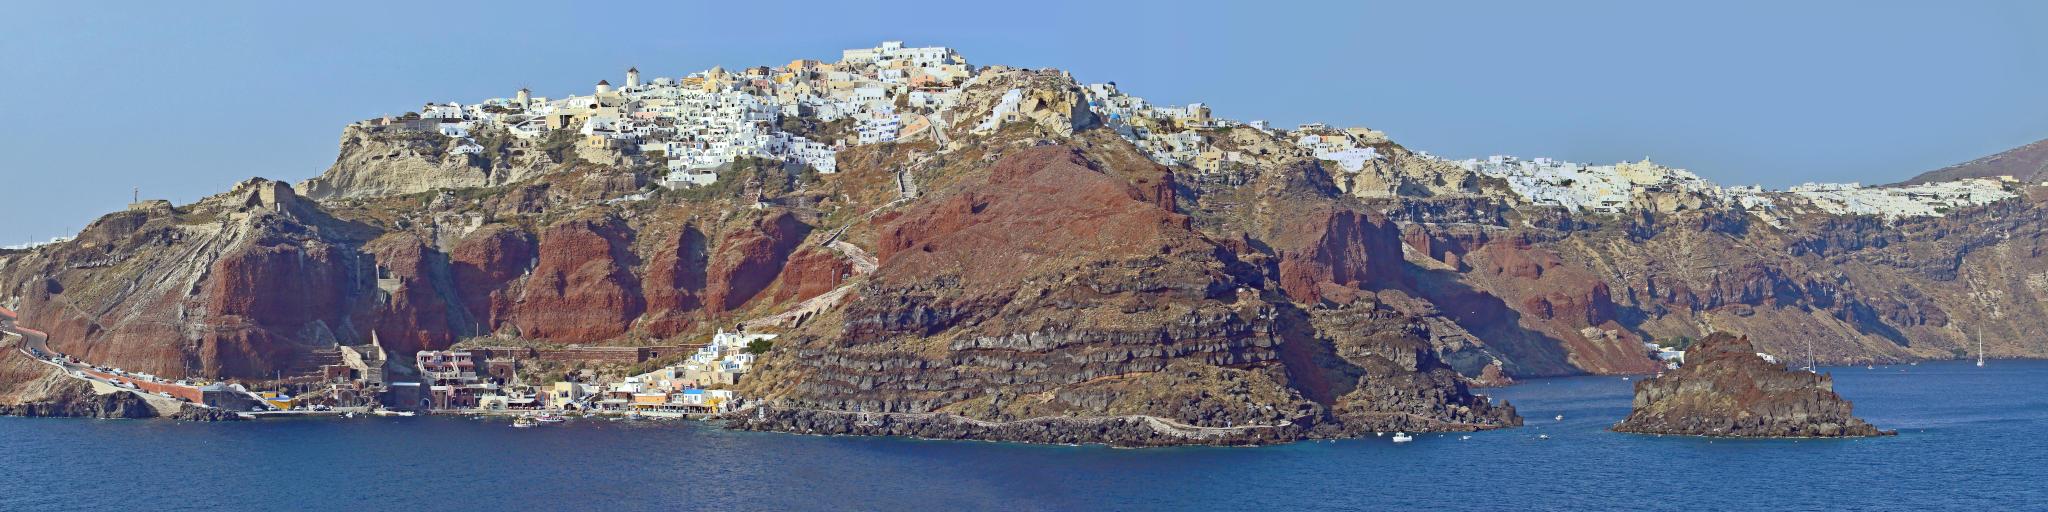 Oia na szczycie klifu oraz przystań/ zatoka Amoudi na dole.